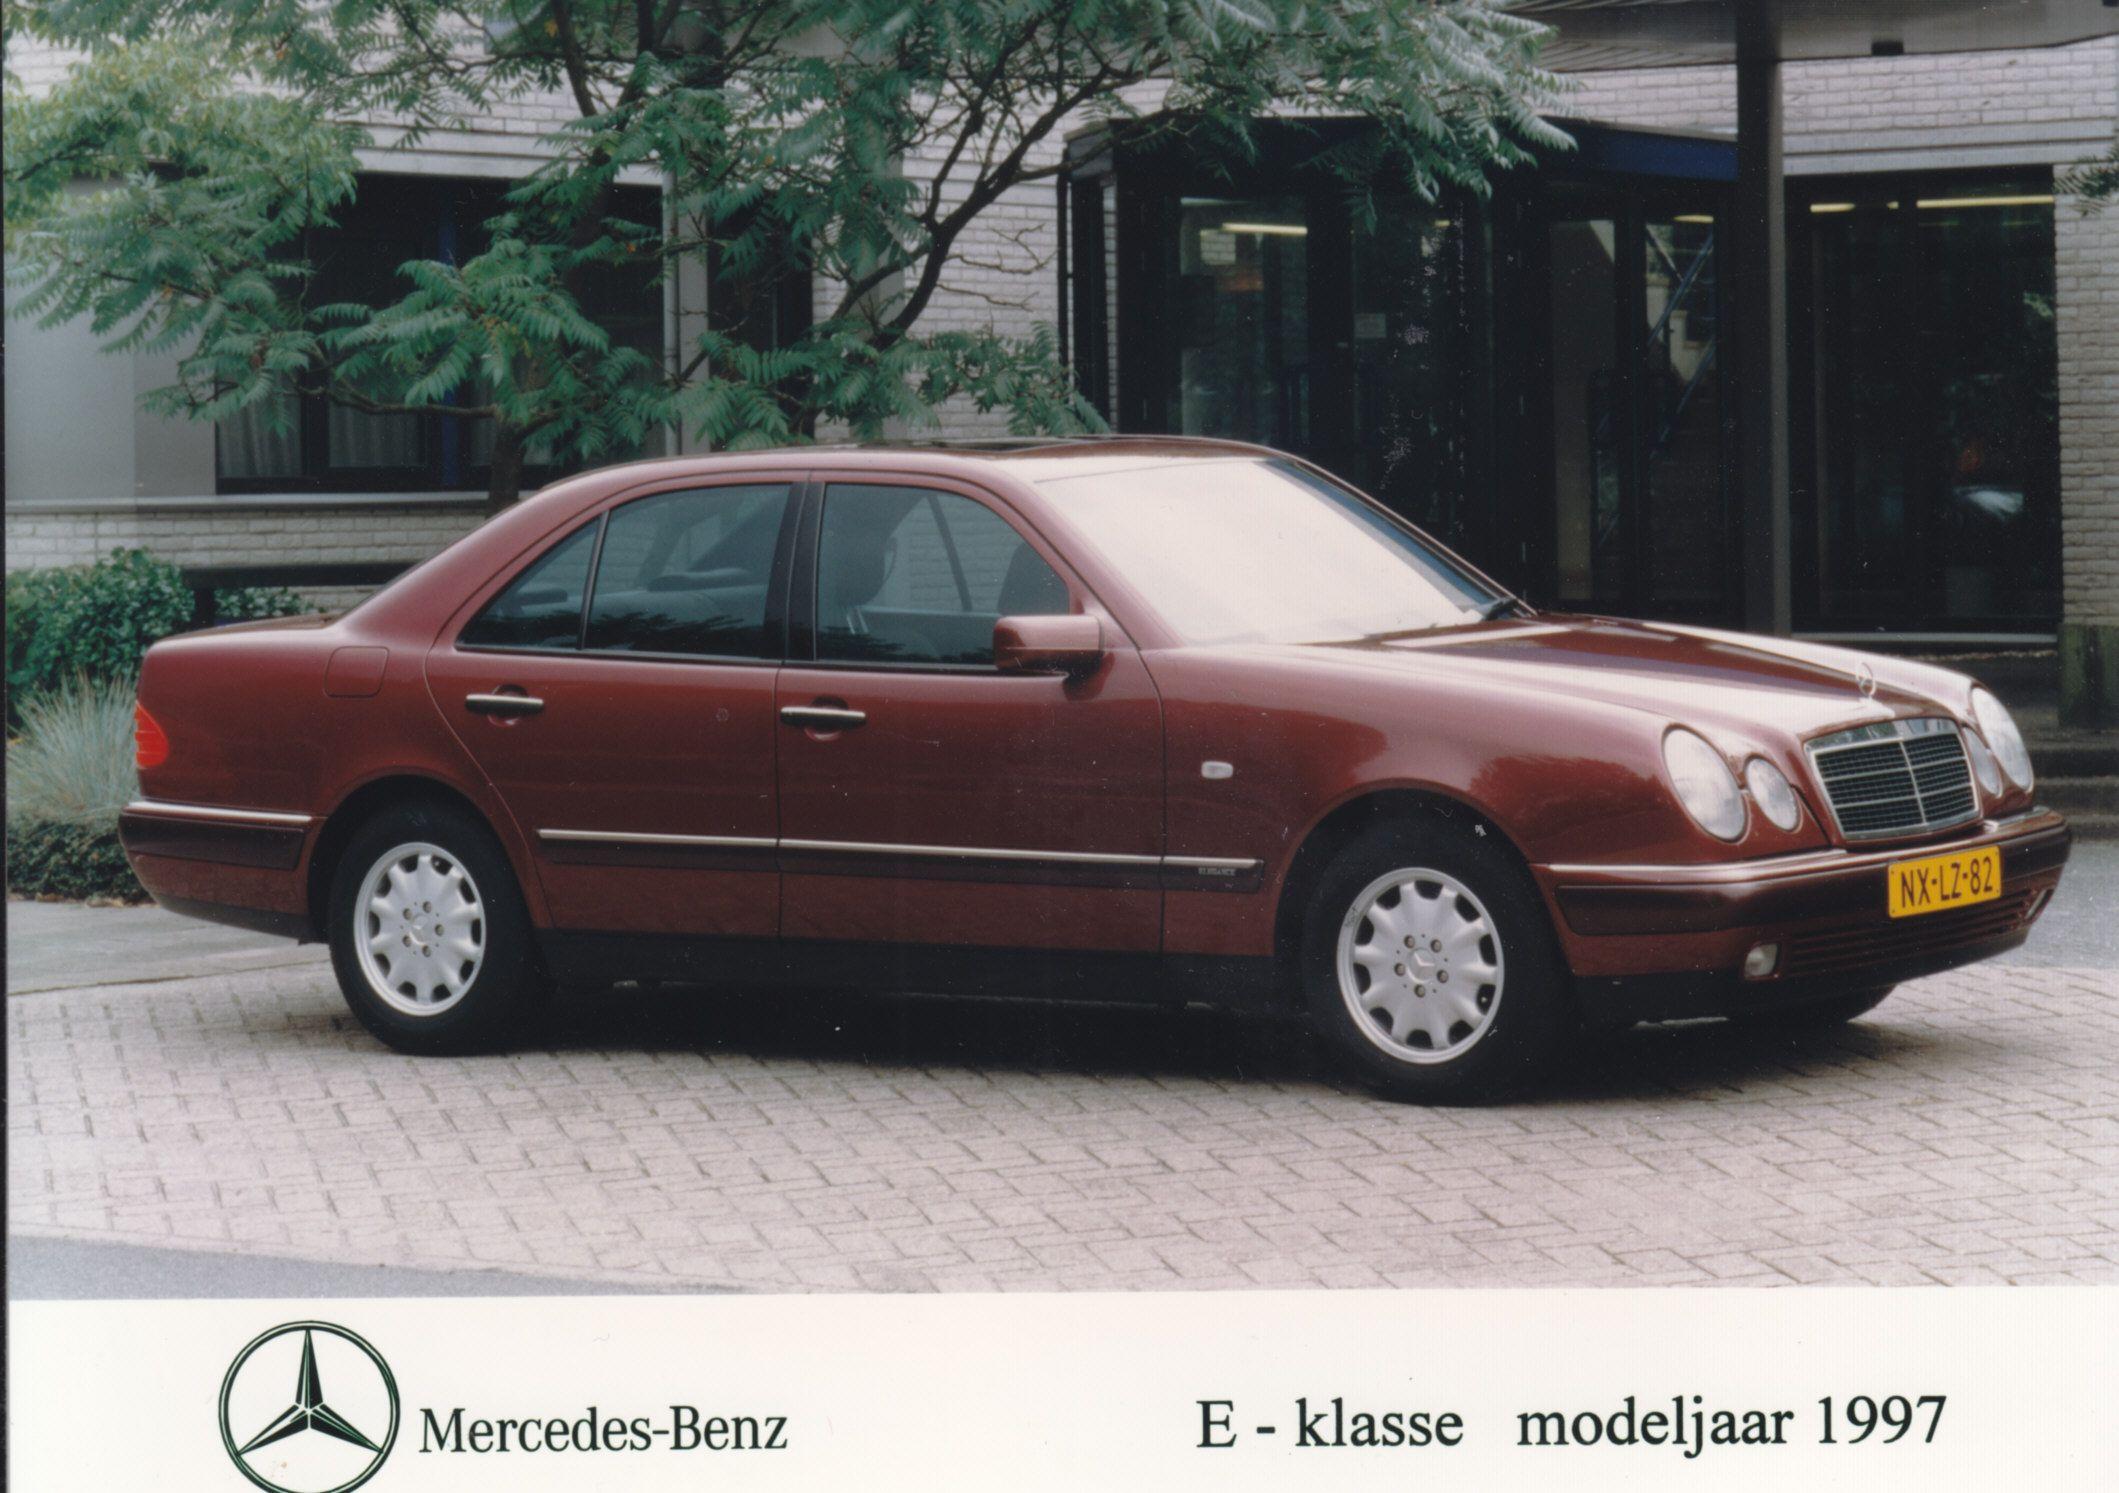 medium resolution of mercedes benz e class dutch rai 1997